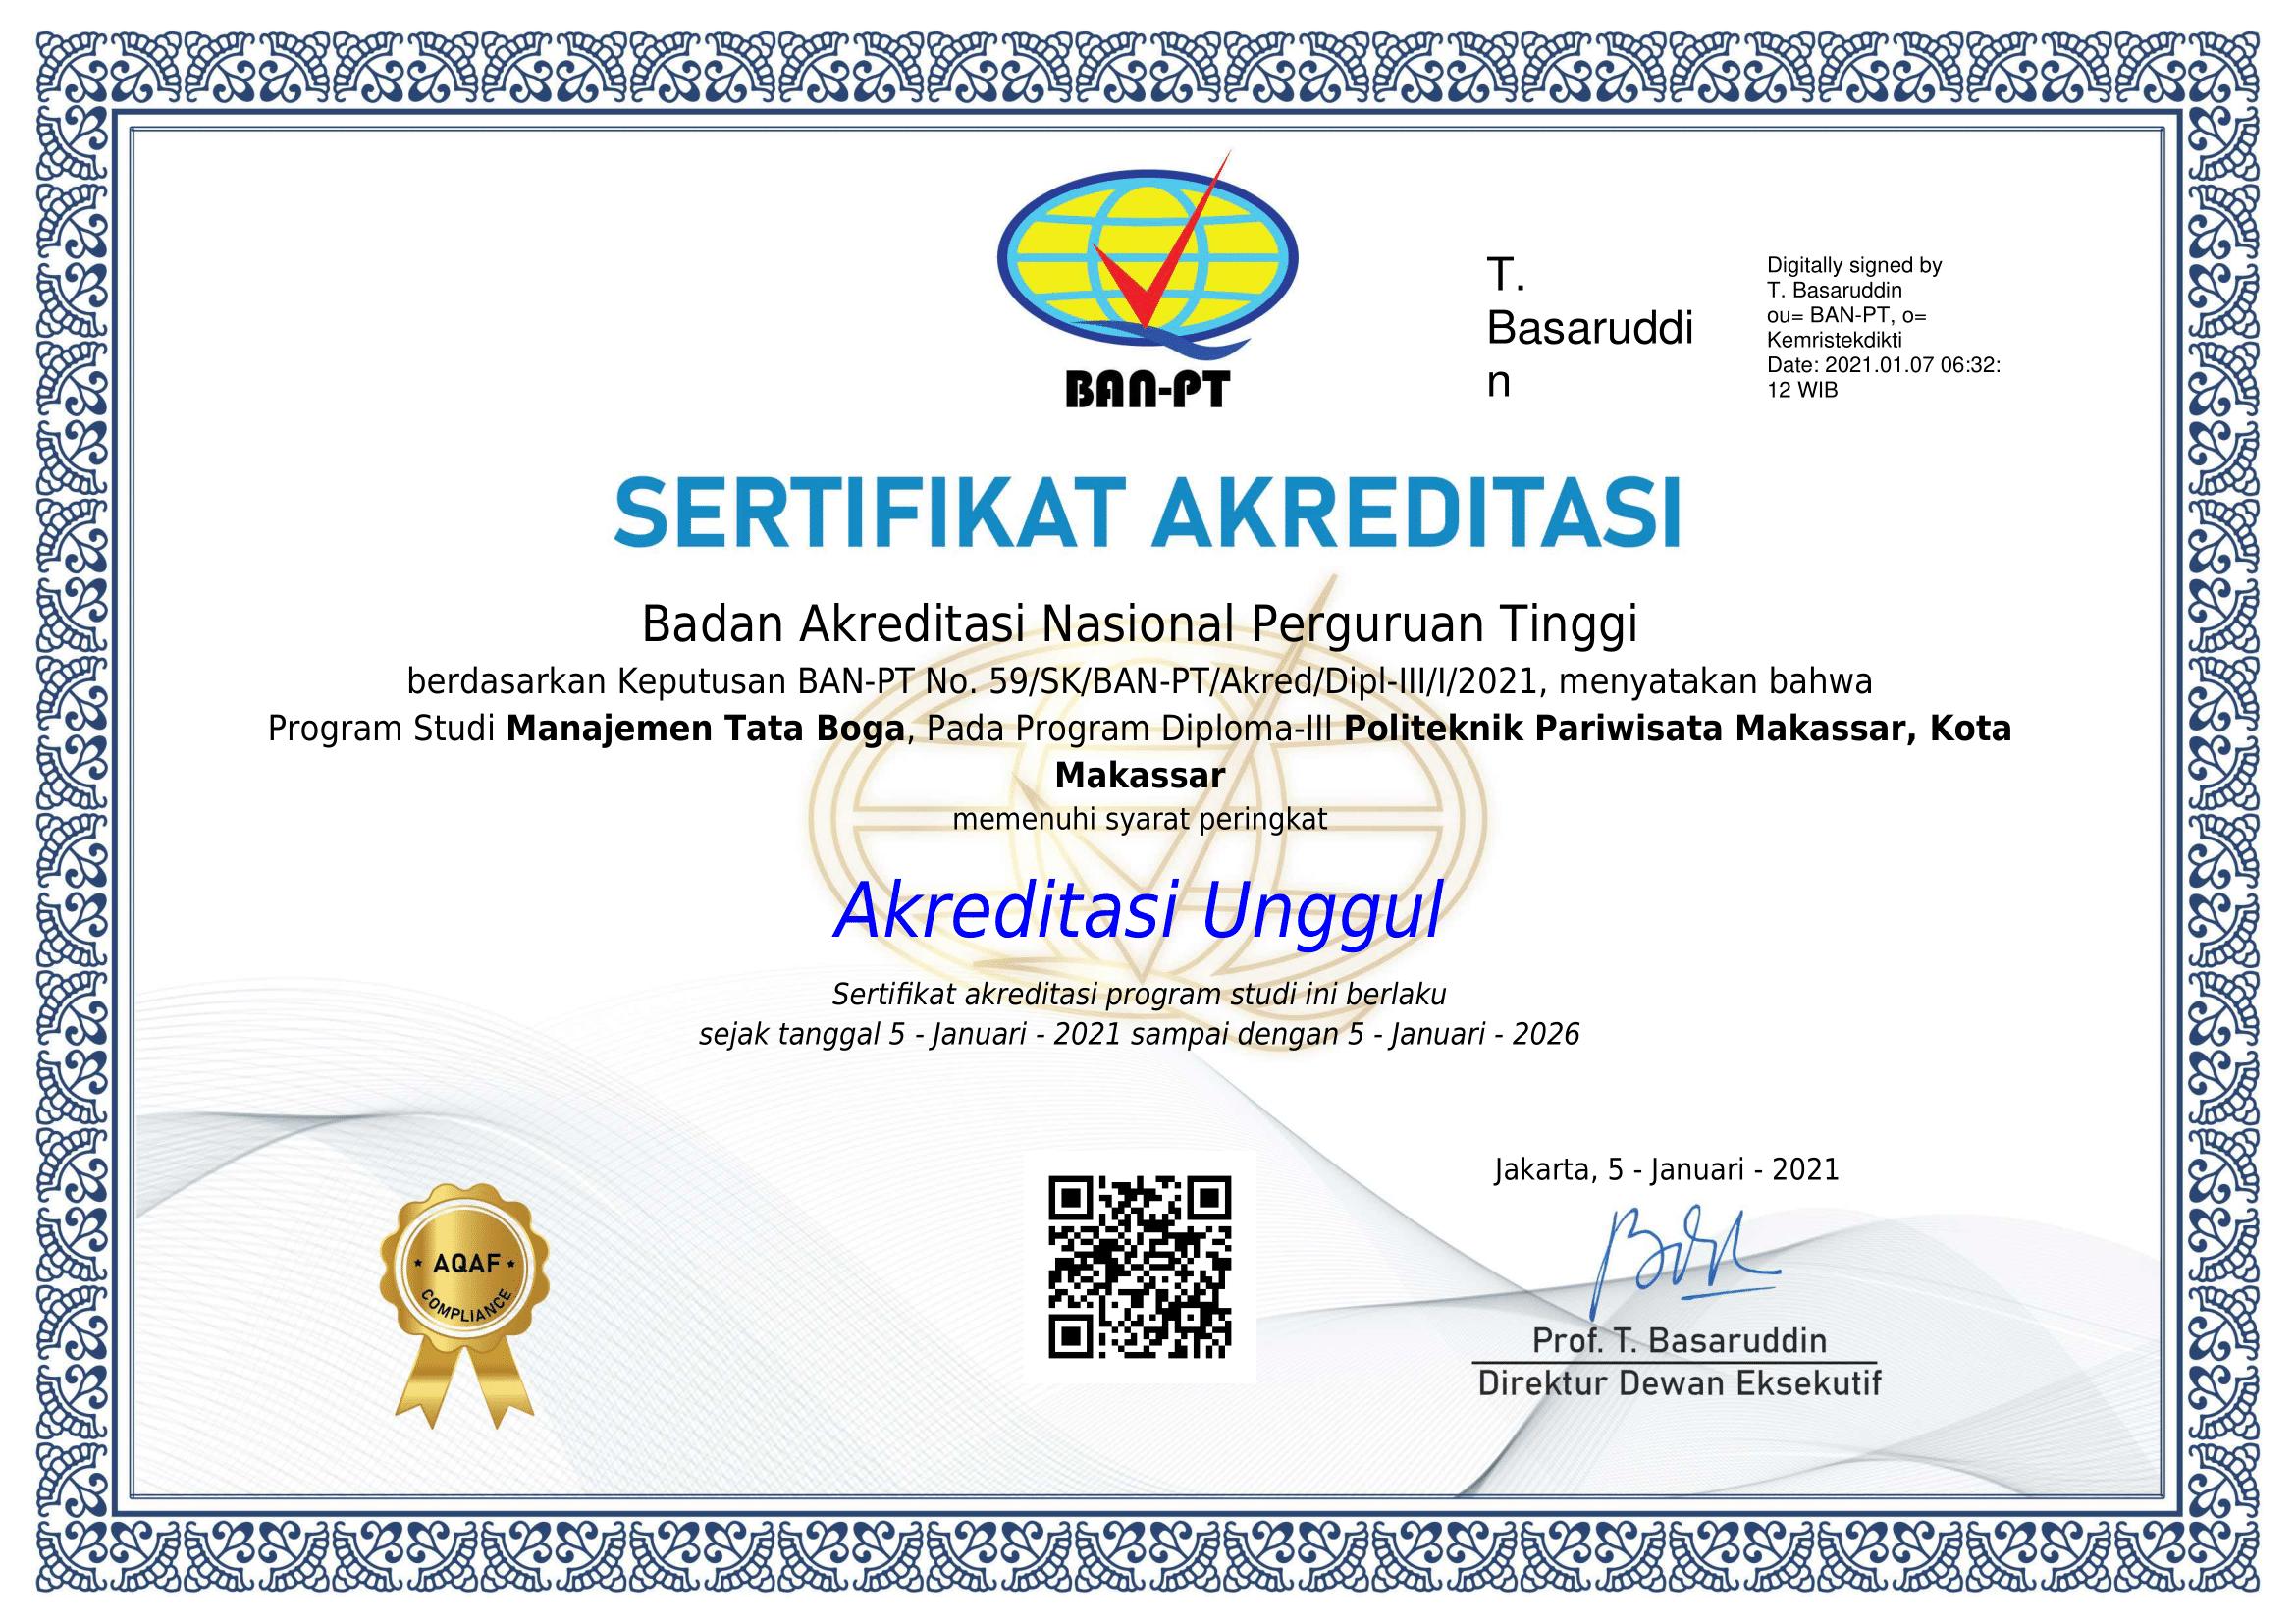 Bangga! Prodi Manajemen Tata Boga (MTB) Mendapatkan Akreditasi Unggul dari BAN-PT